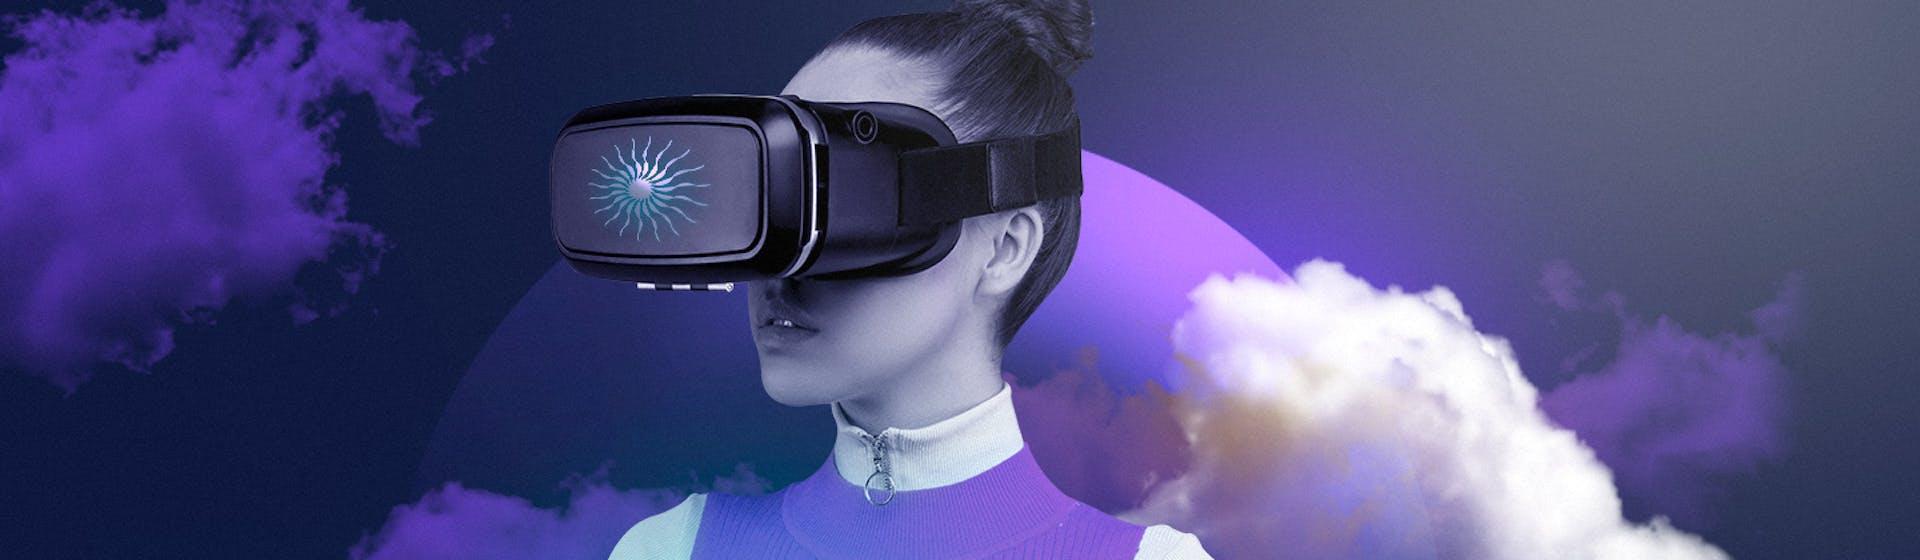 ¡Nueva tecnología en casa!: ¿Cómo funcionan los lentes de realidad virtual?